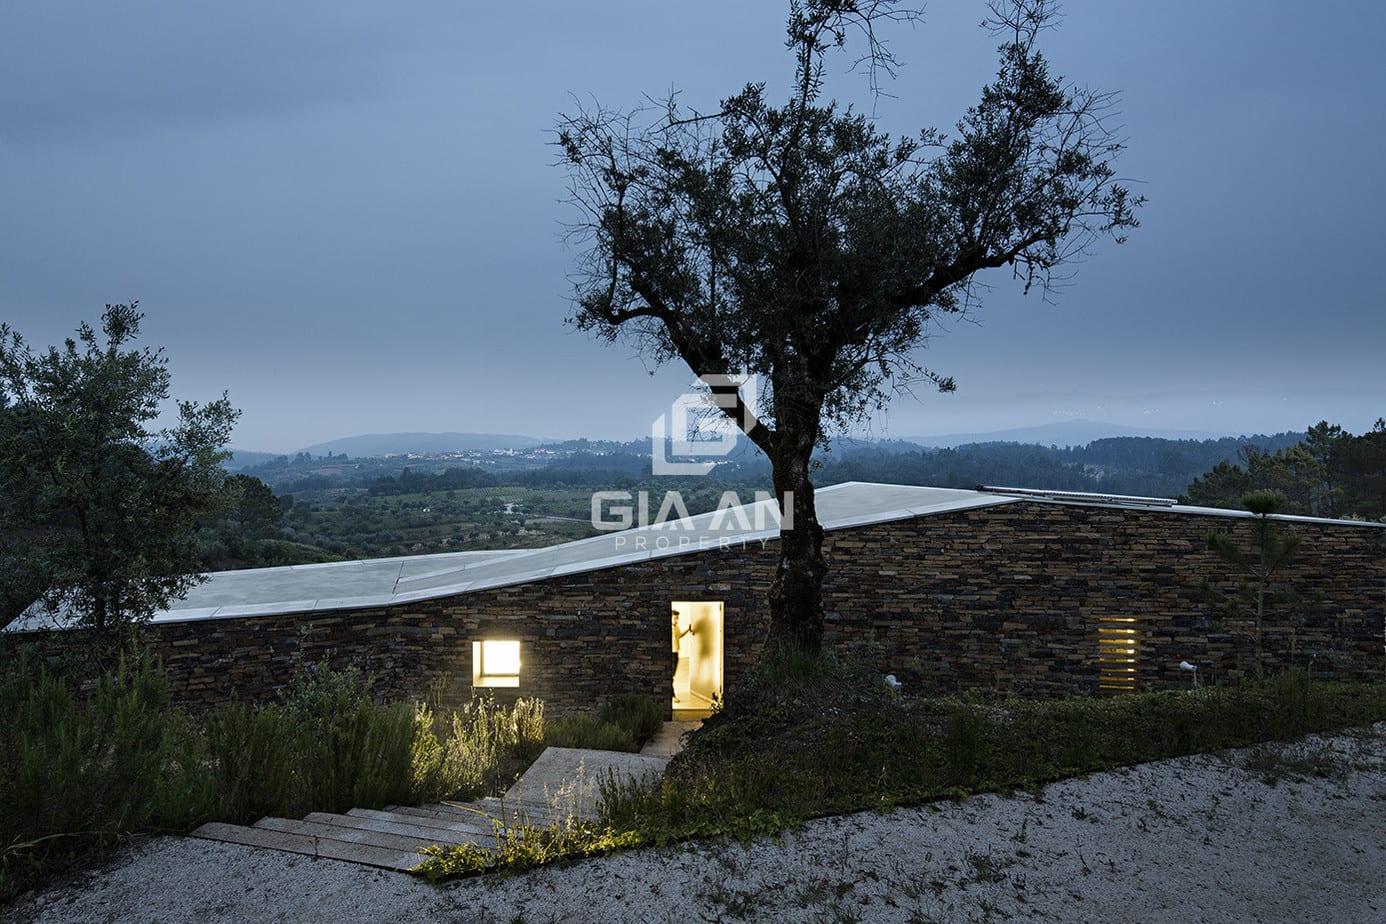 Không gian nghỉ dưỡng thoáng đẹp trên sườn đồi ở Bồ Đào Nha - 27